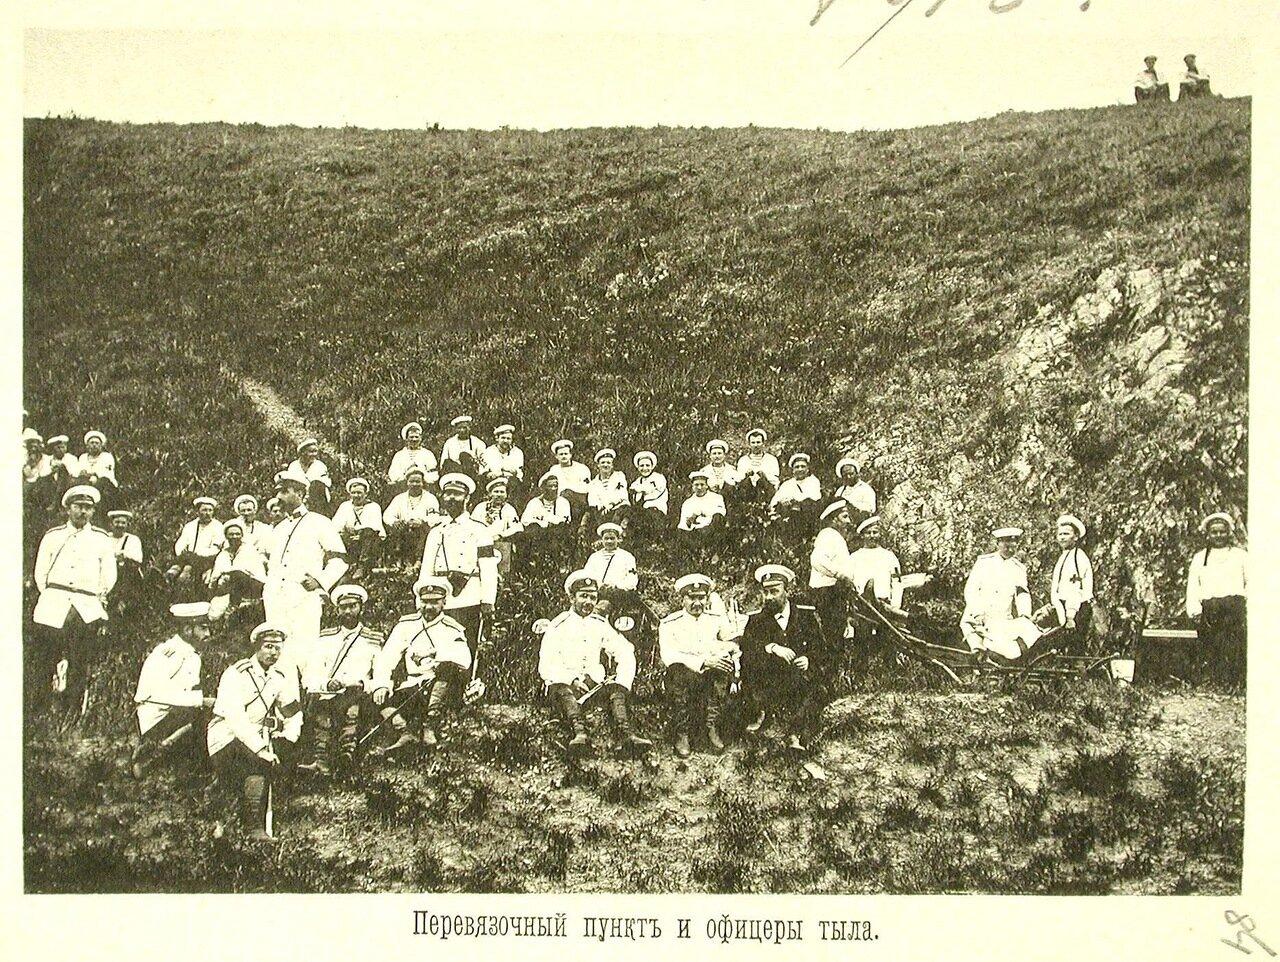 84. Группа матросов эскадренного десанта и офицеров тыла у перевязочного пункта